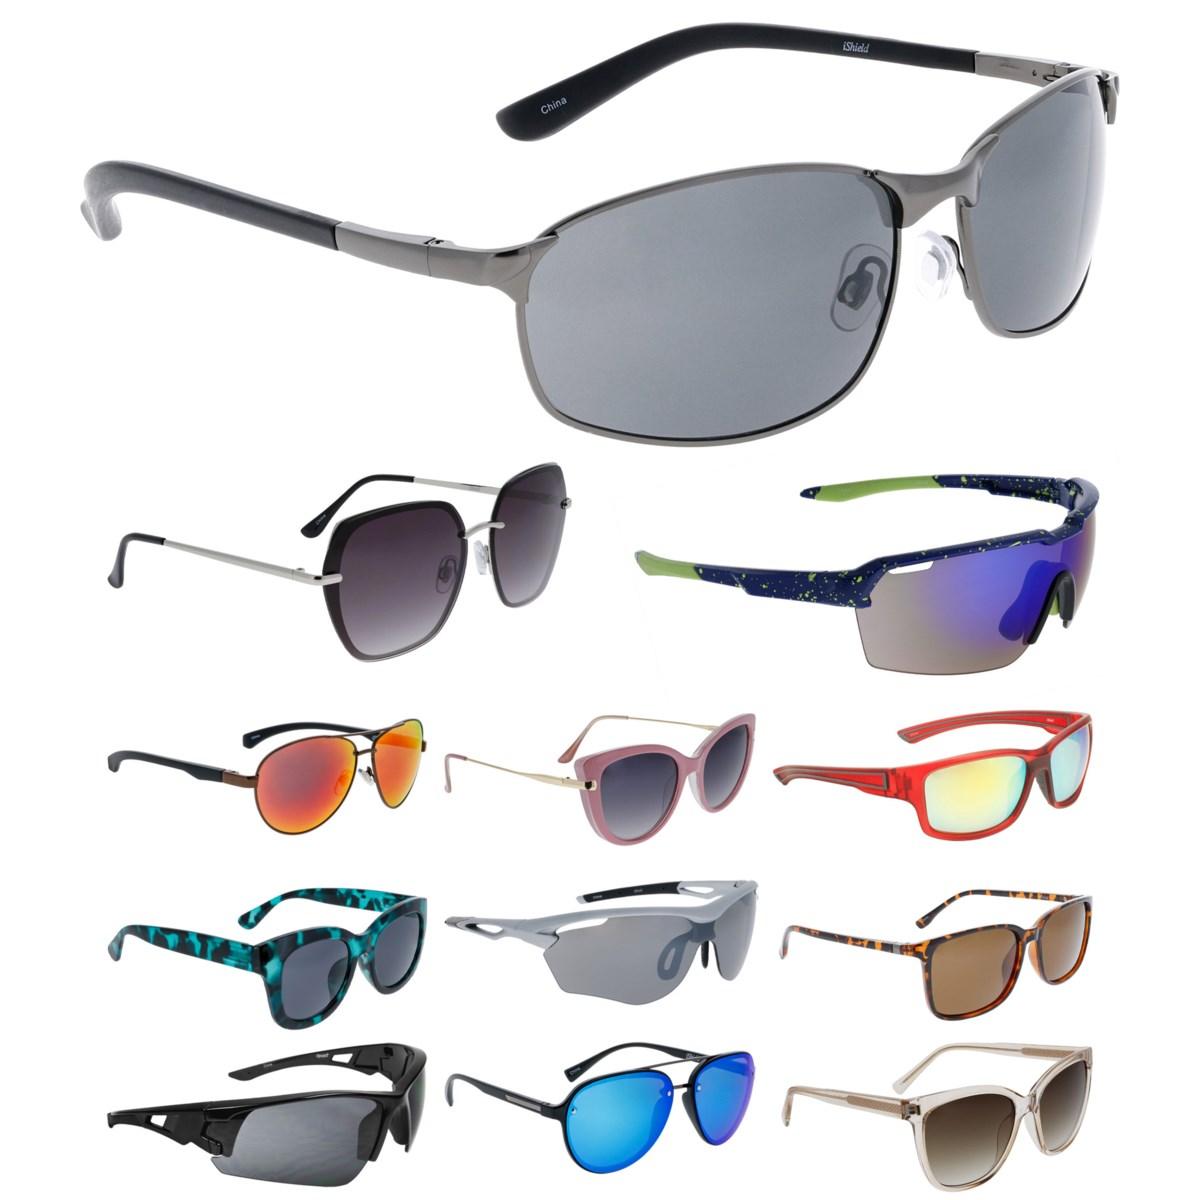 iShield Black Tag Sunglasses Mix - Sport, Men's, Women's